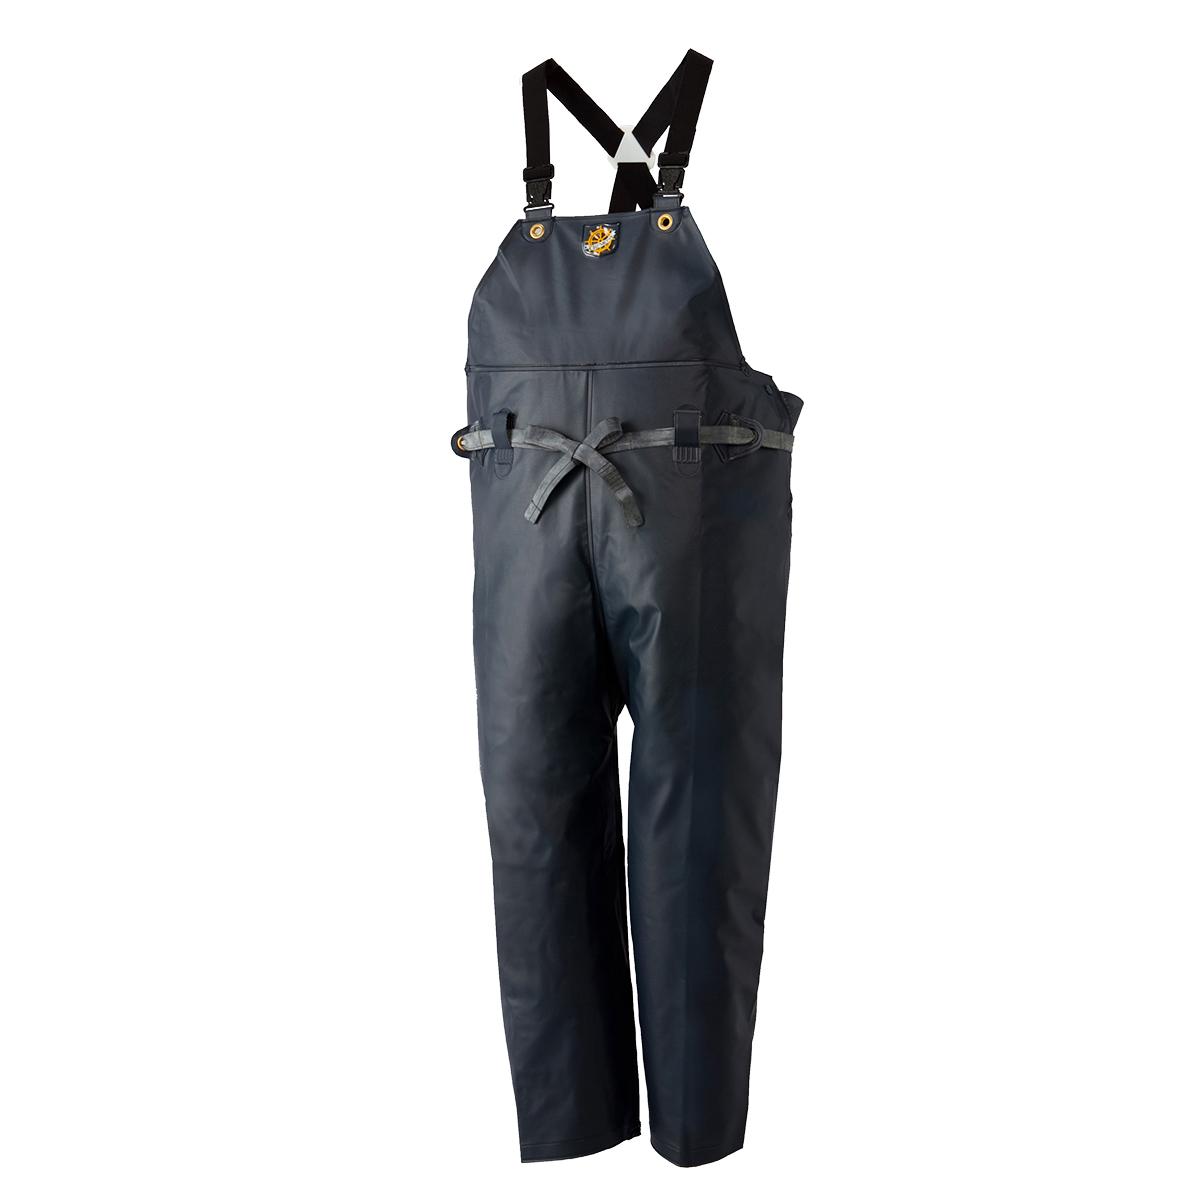 クレモナ水産 胸当付ズボン(サスペンダー式)